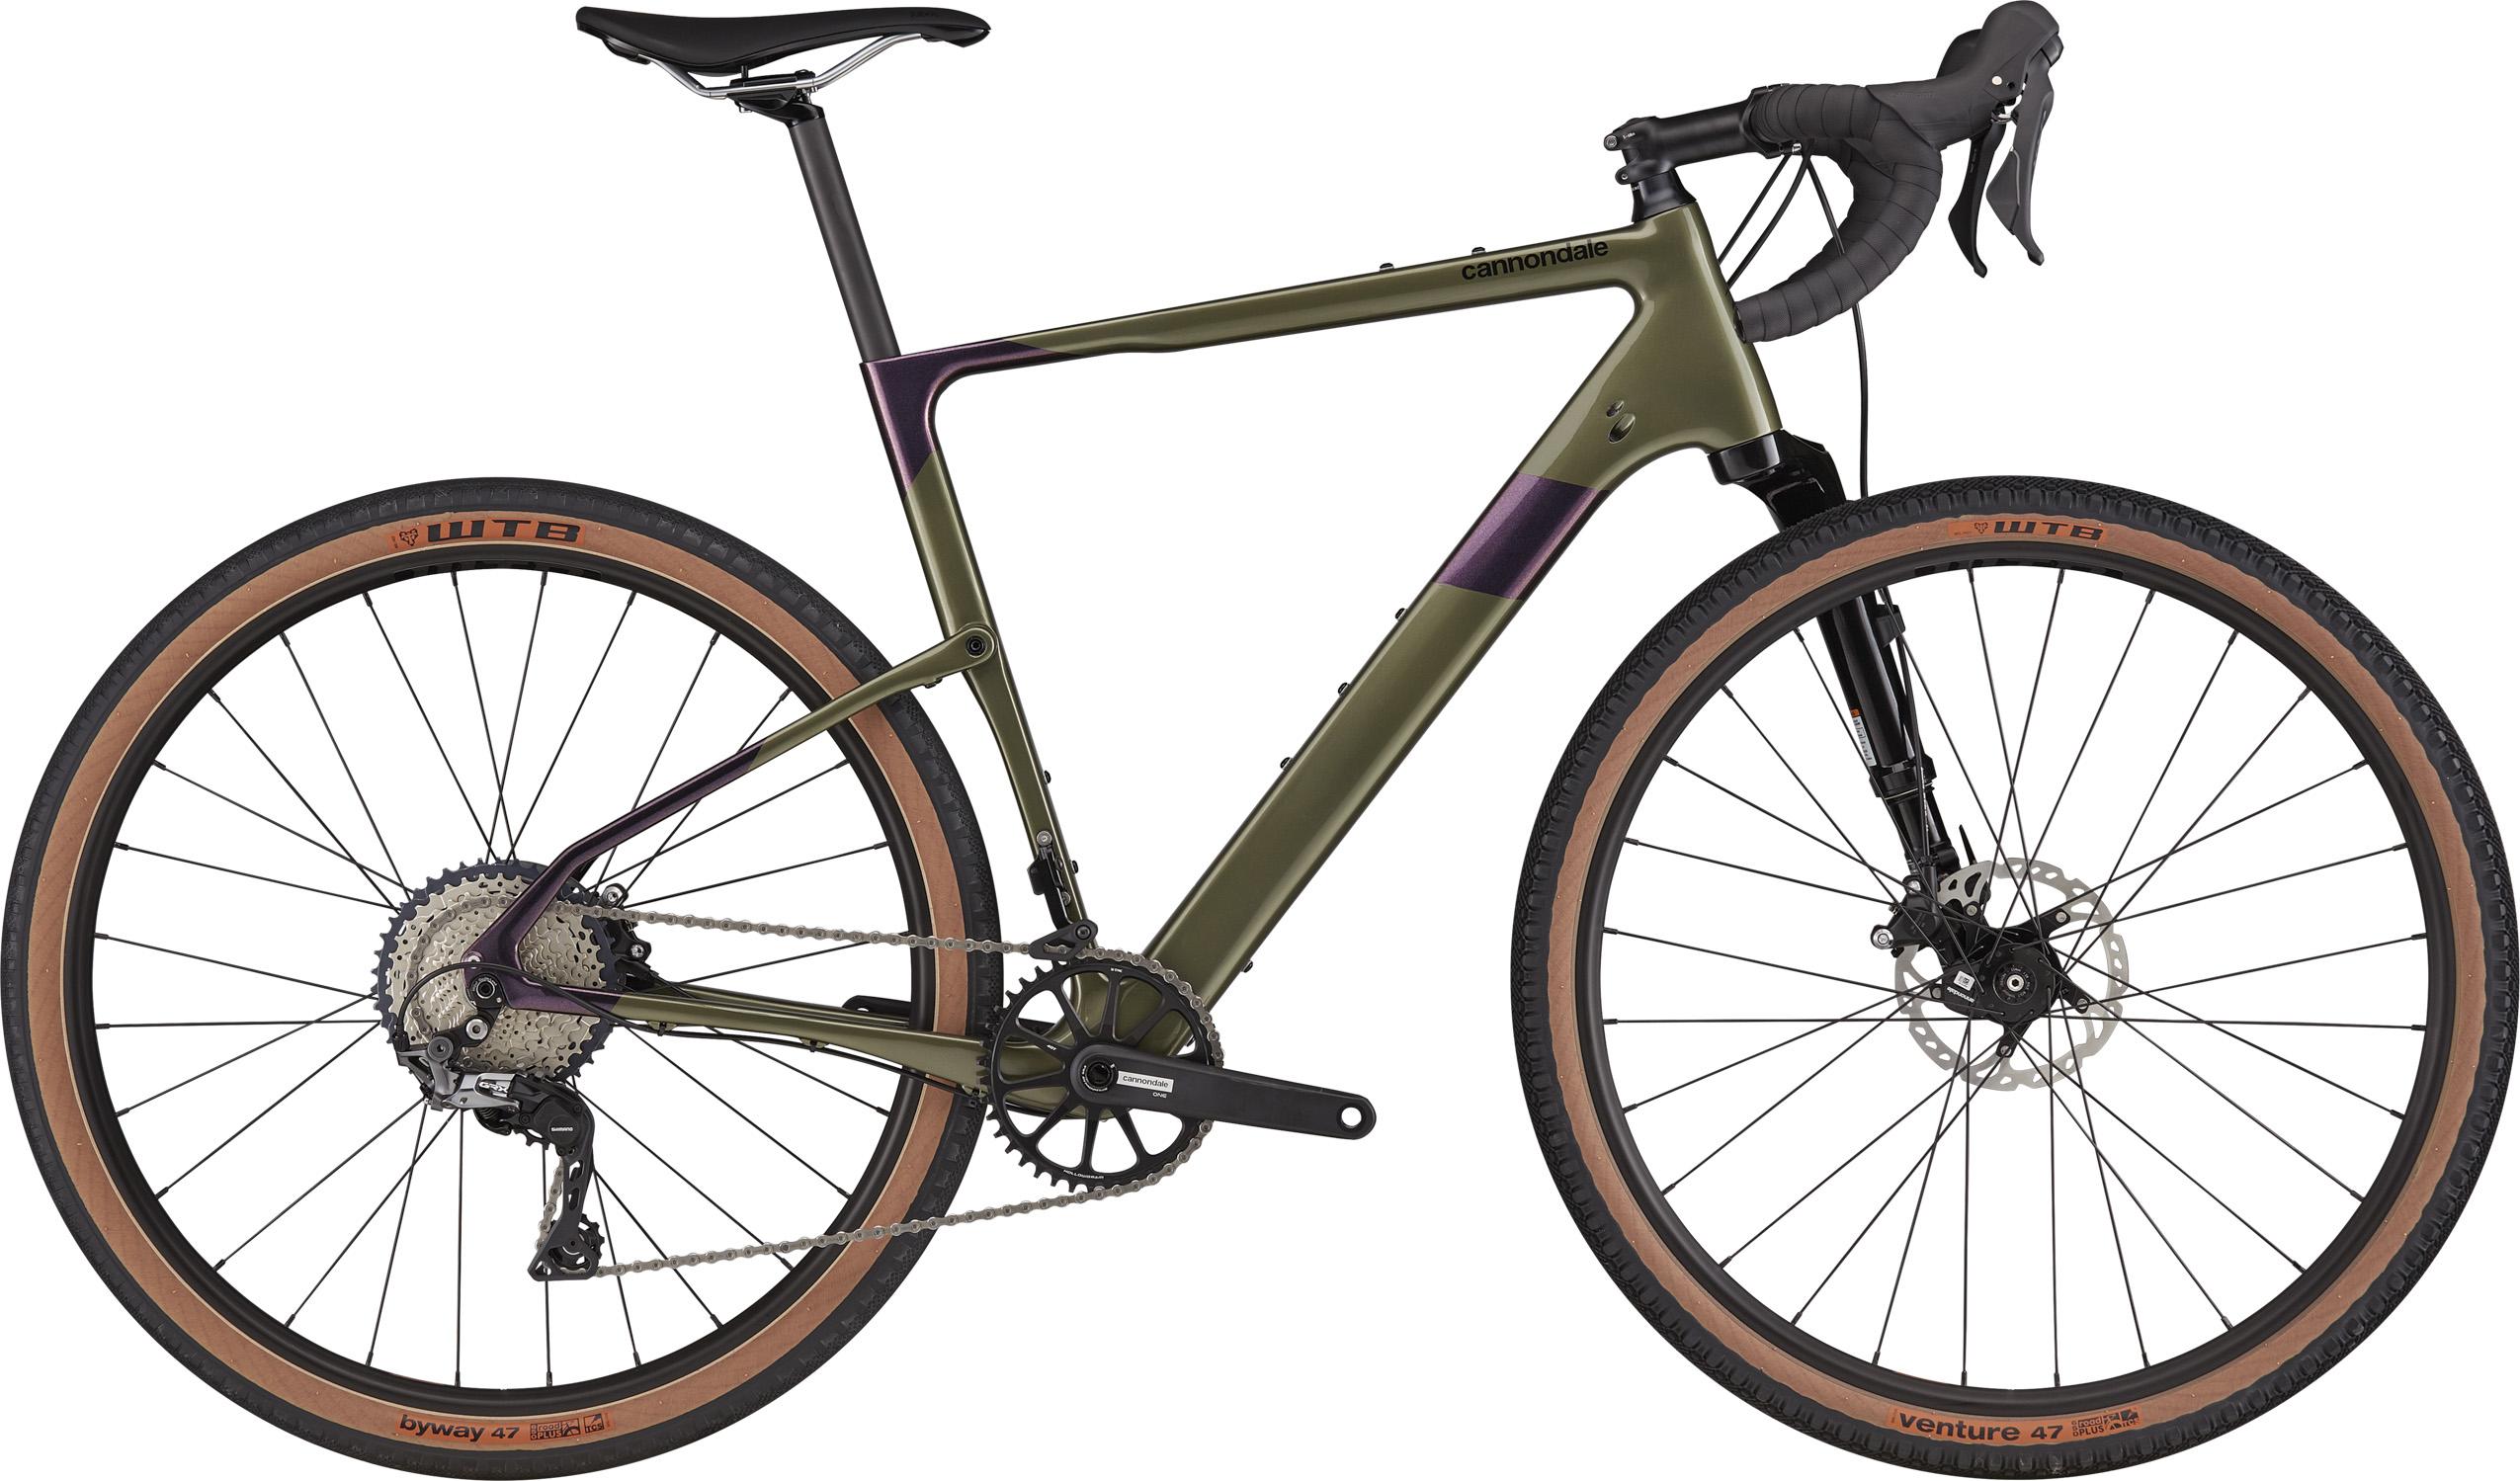 Cannondale Topstone Carbon Lefty 3 Gravel Bike 2021 Mantis